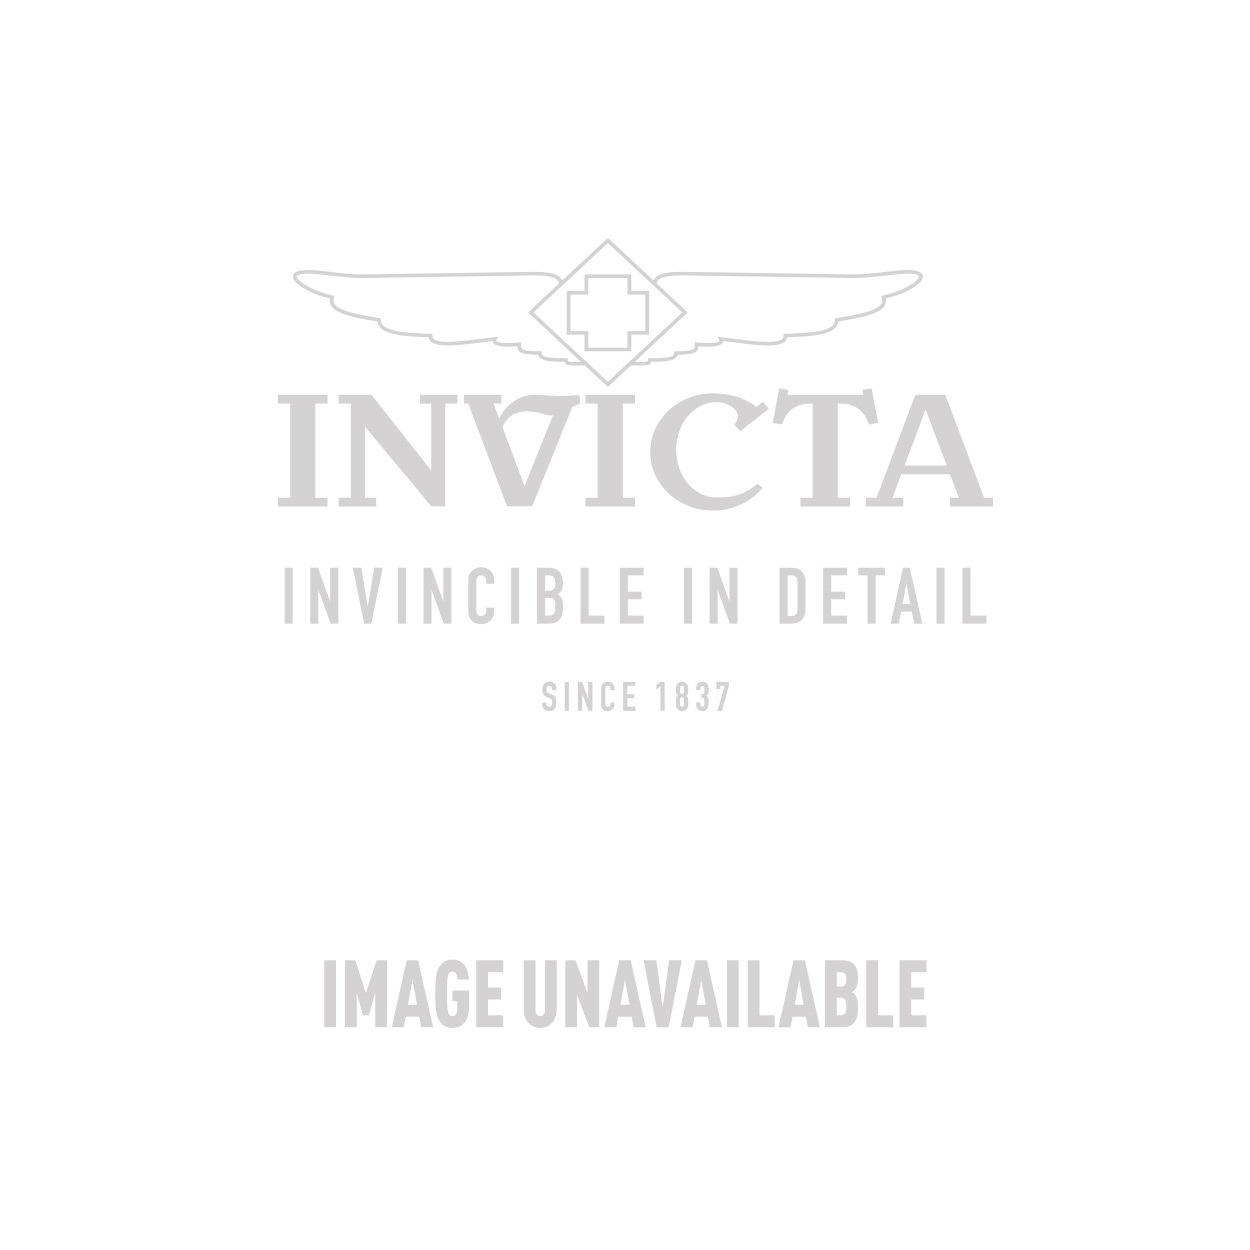 Invicta Subaqua NOMA III Mens Quartz 50mm White Case  Stainless Steel, Plastic Dial Model  - 0928